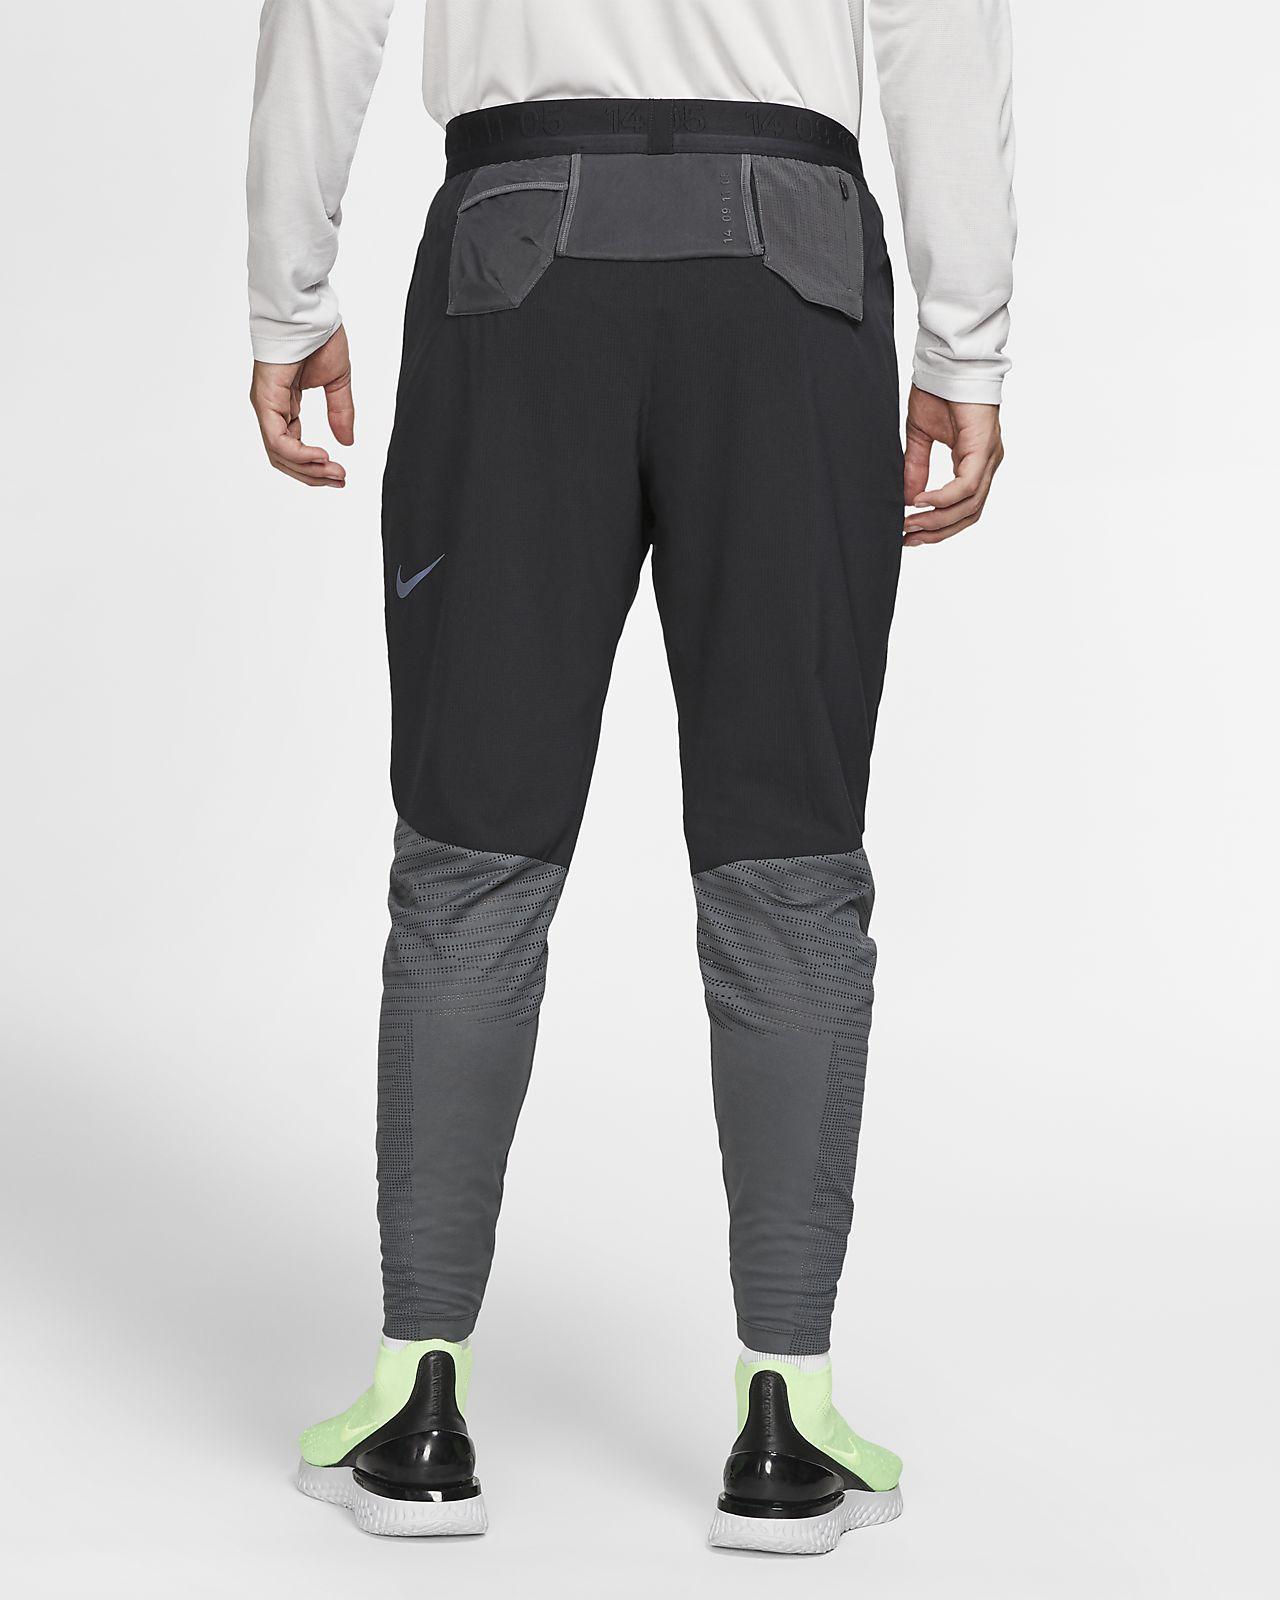 pantalon nike homme running